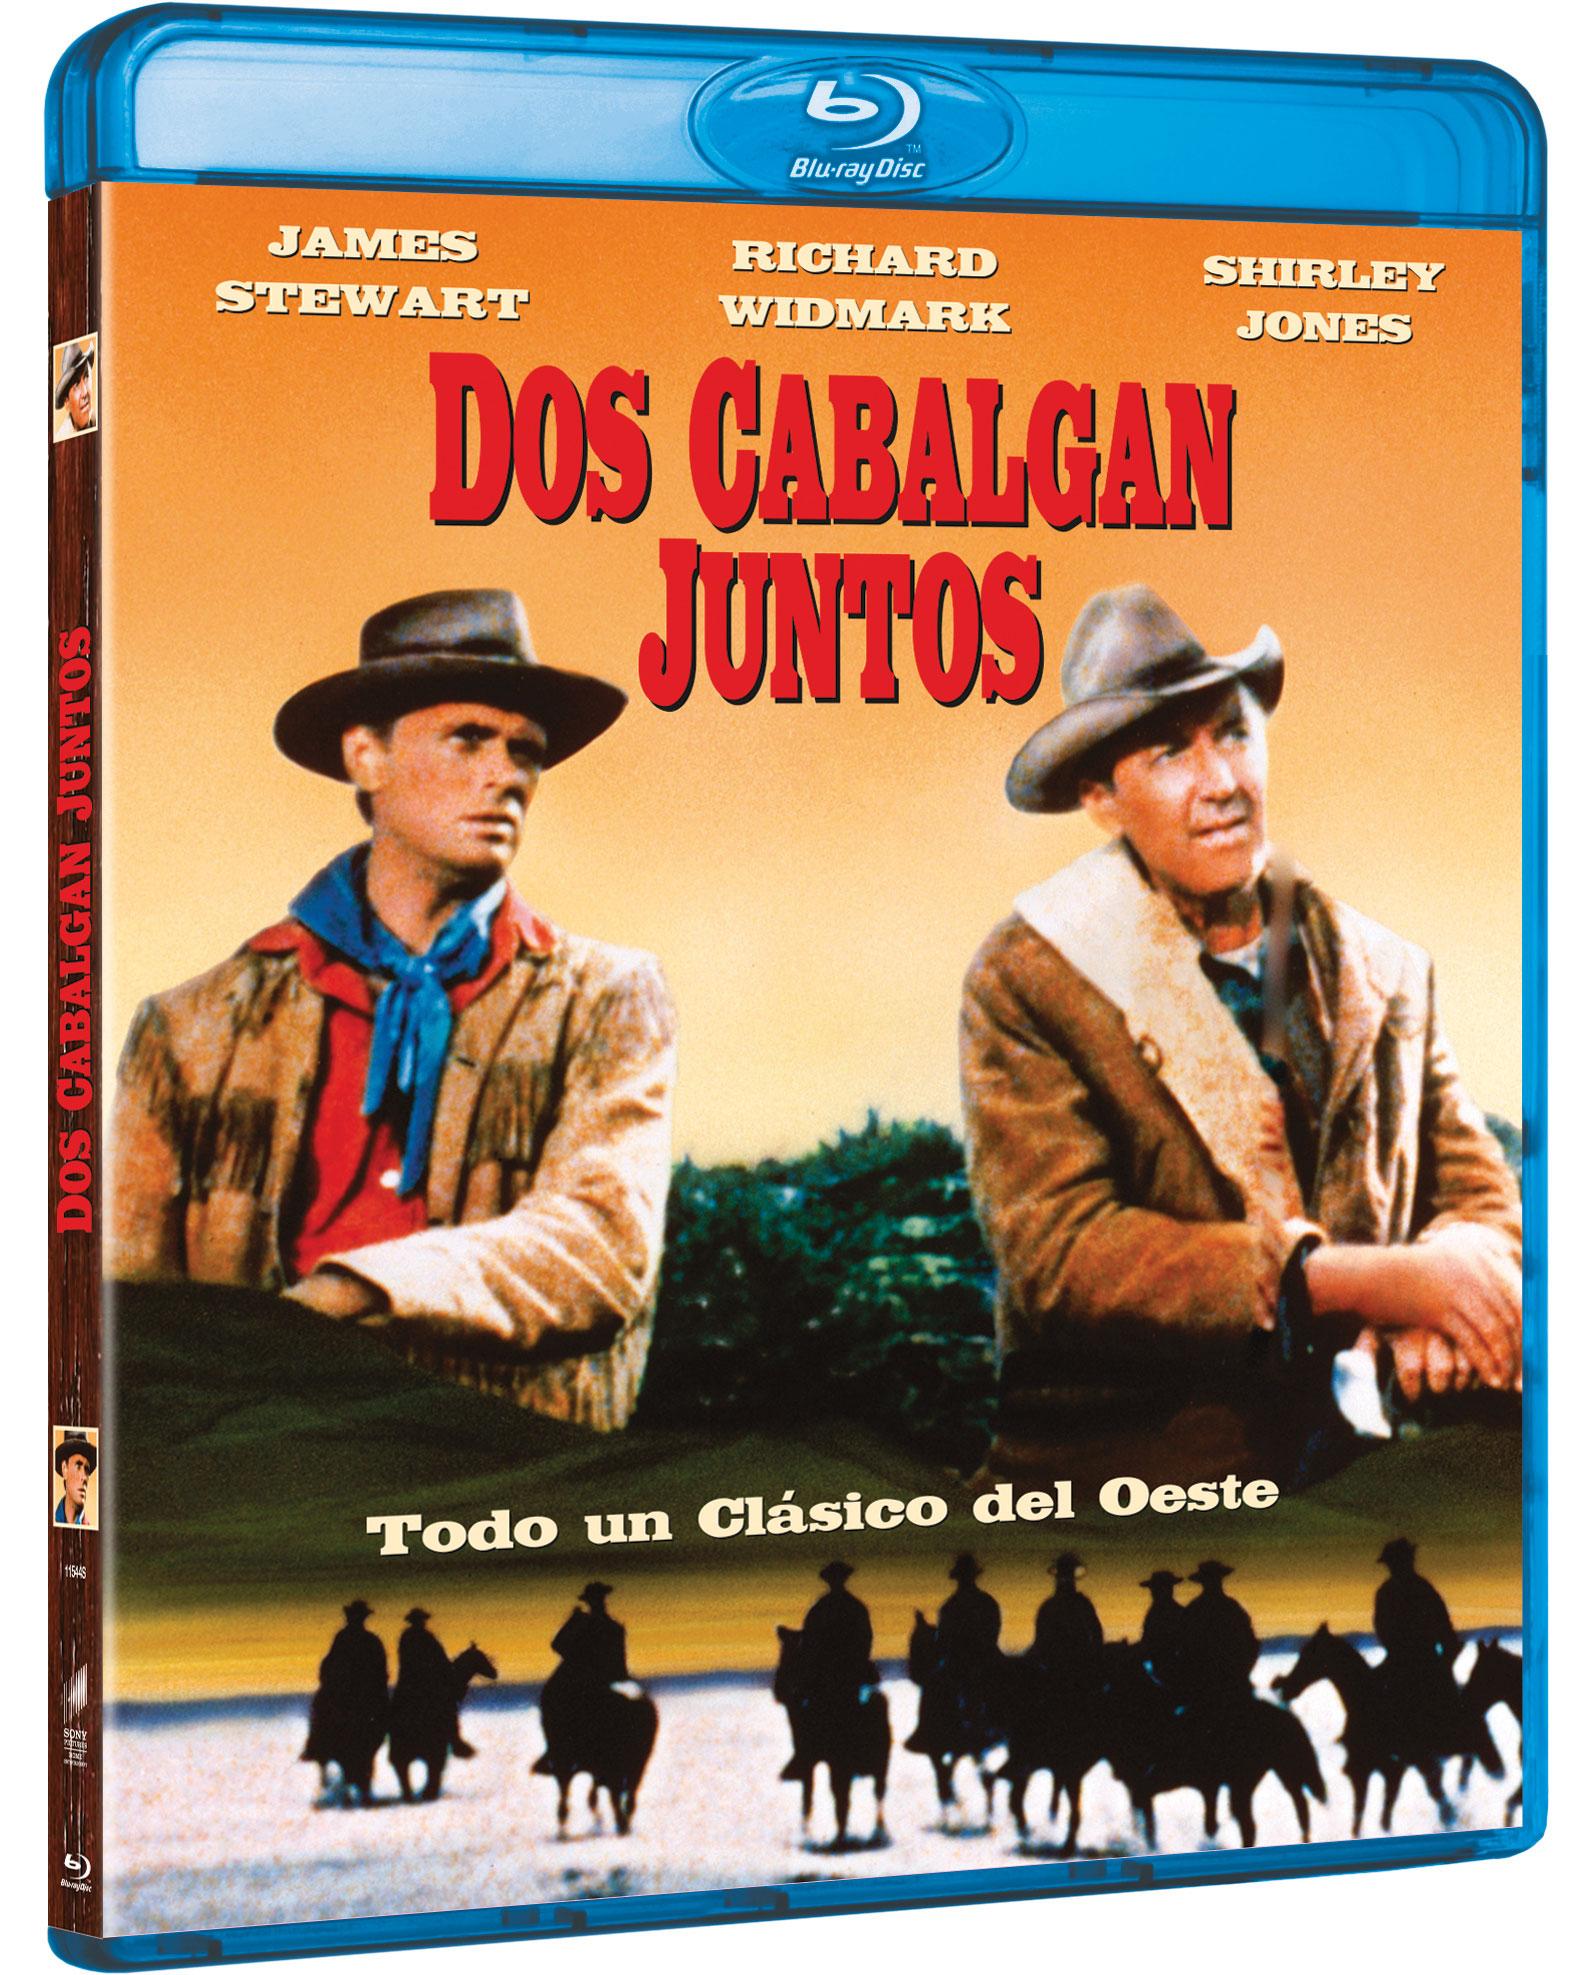 'Dos cabalgan juntos' en Blu-ray